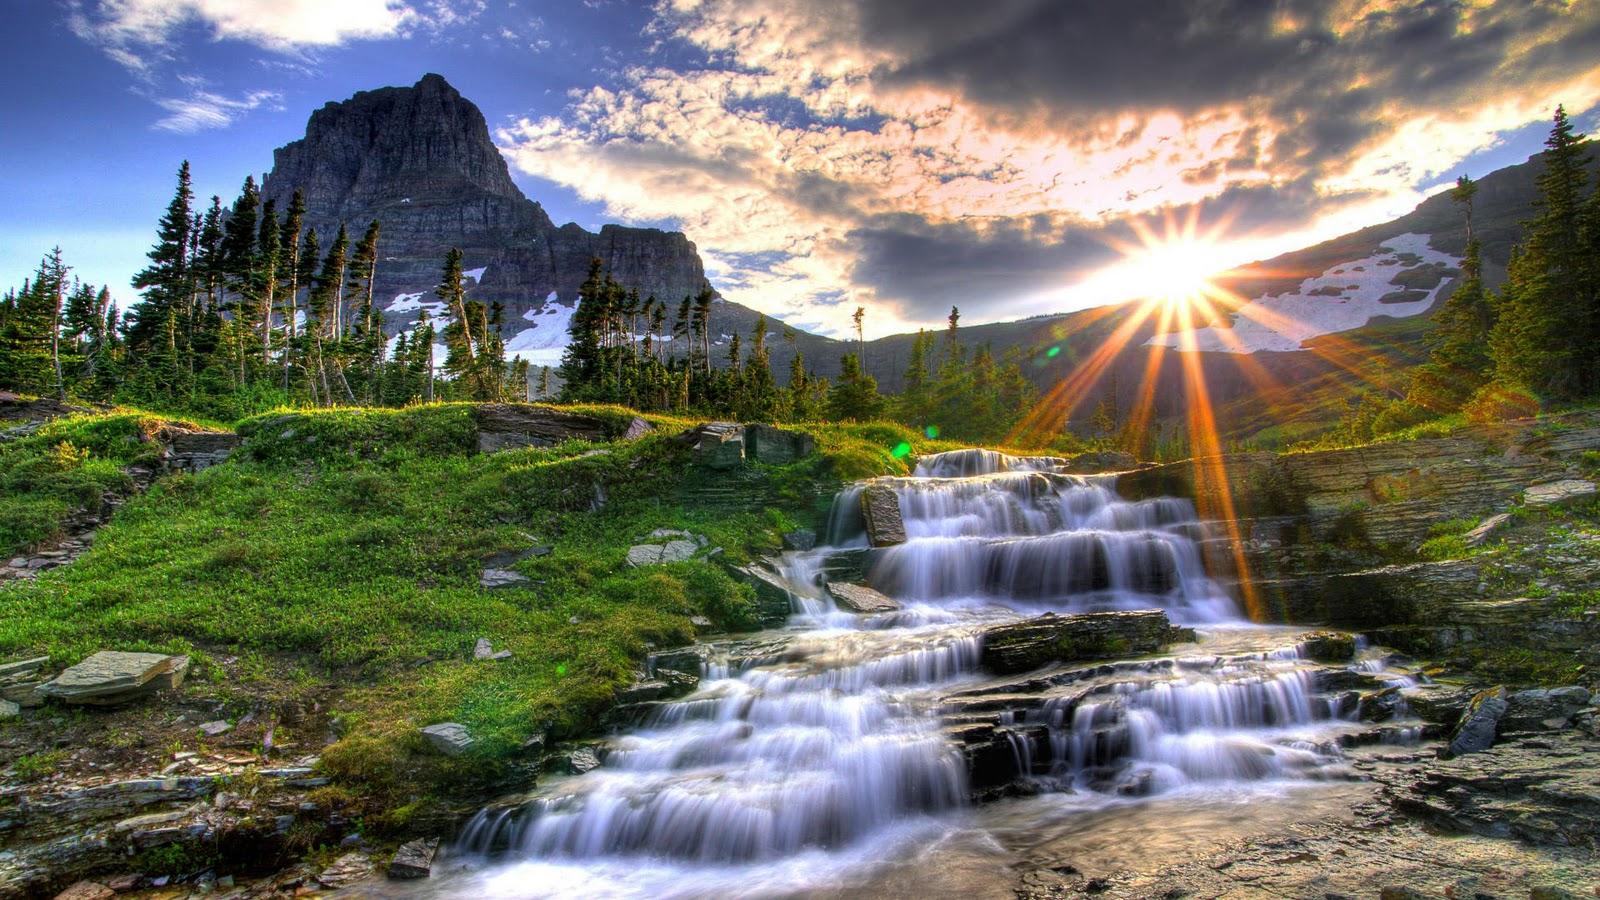 http://2.bp.blogspot.com/_KU3zHcdckOE/TNg8OUM14GI/AAAAAAAAAA0/r5Wjmb-cW68/s1600/Nice-Nature-wallpaper-14.jpg